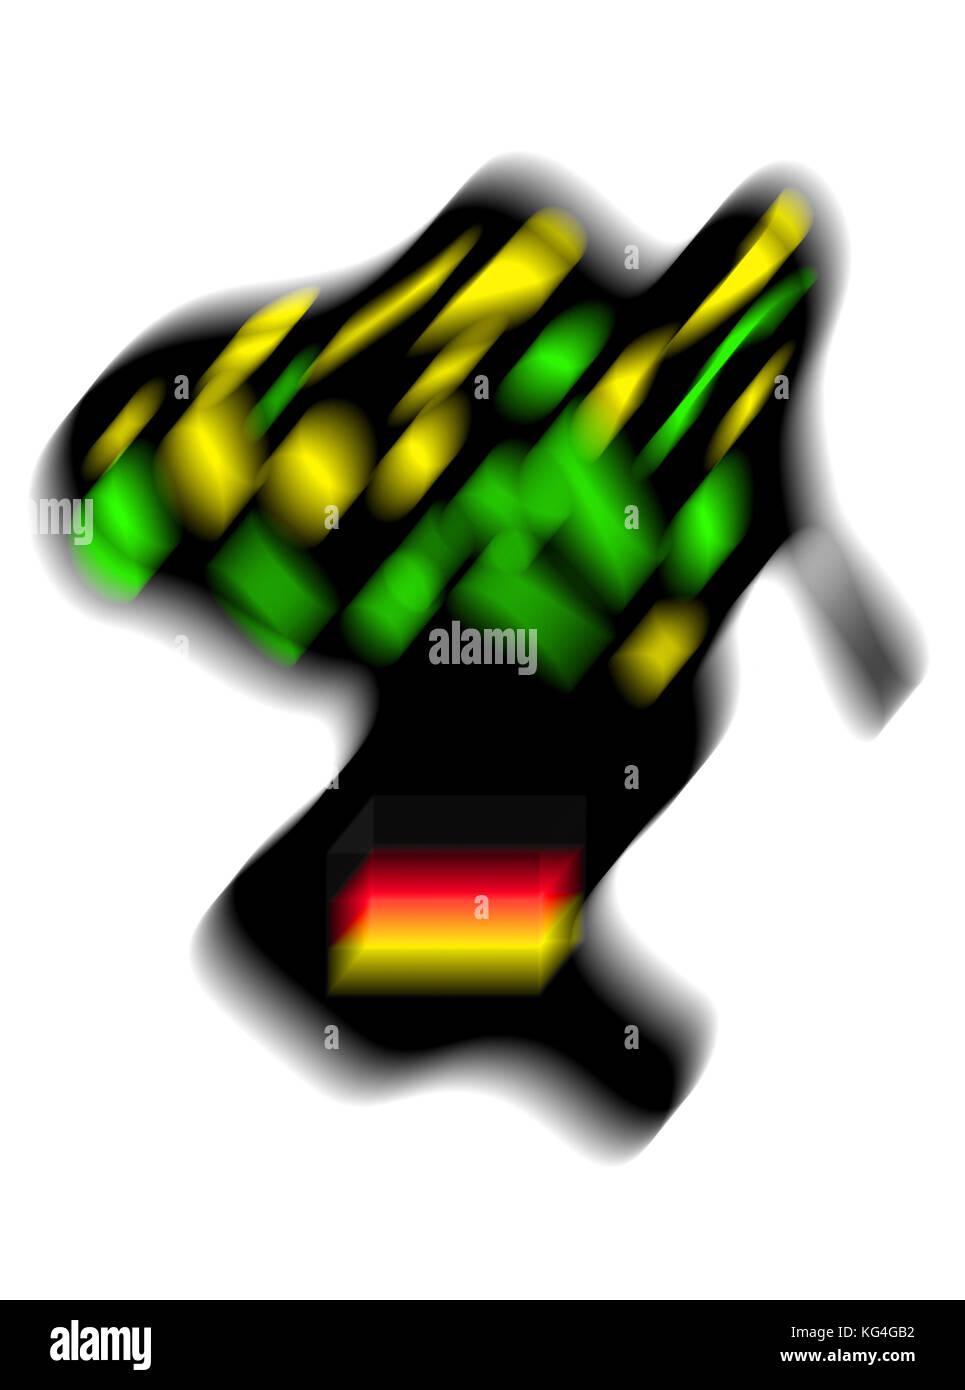 Jamaika, Coalition, Jamaica,Koalition, Schwarz Gelb Grün Gespenst mit Bundesflagge, Schwampel,Europa,Germany,Deutschland - Stock Image